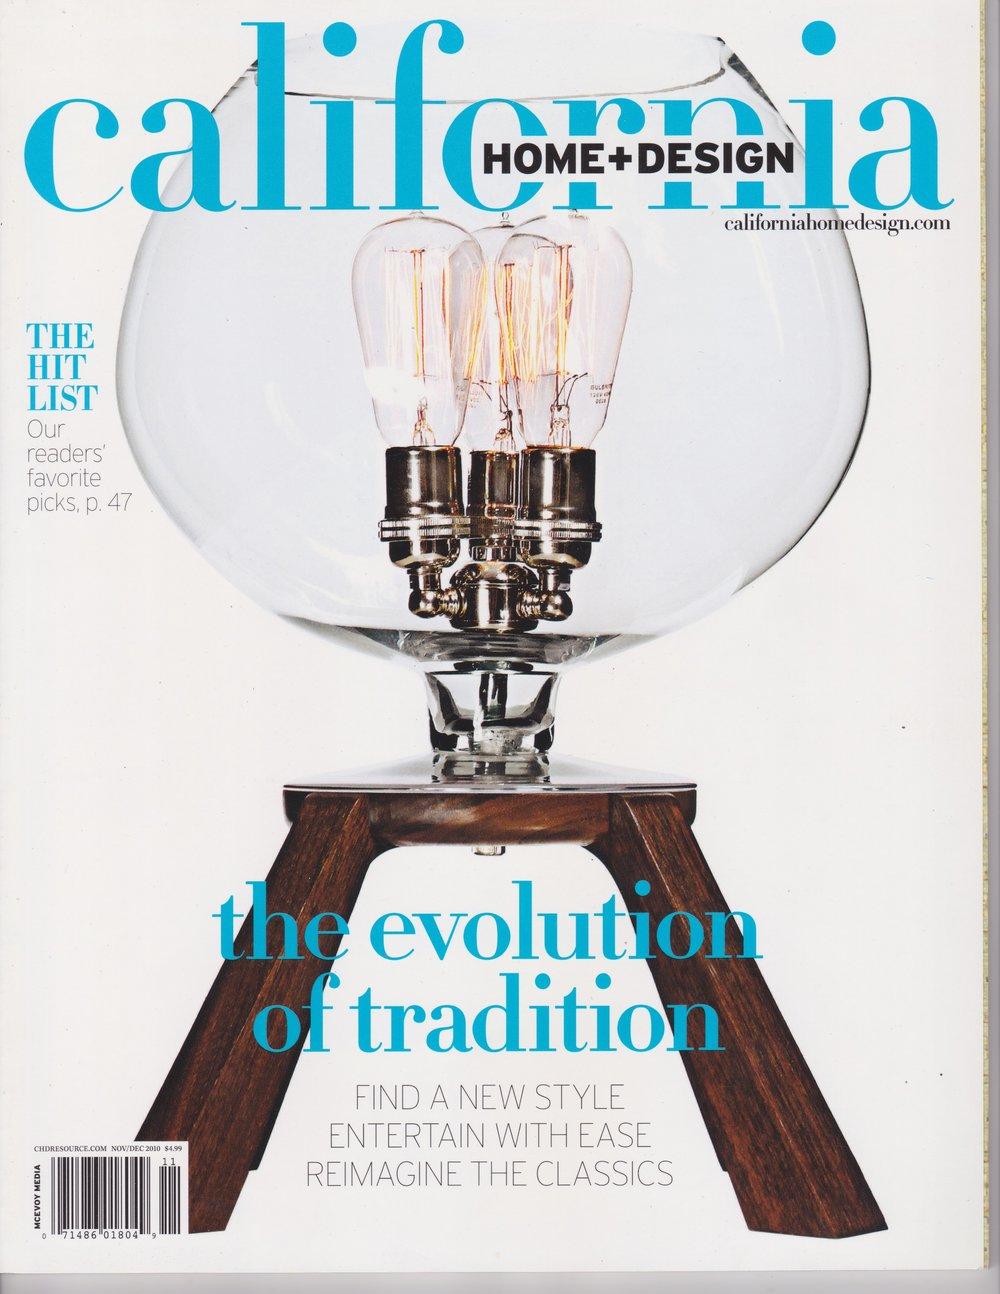 California Home + Design   Design featured for Versatile California Kitchens  Nov/Dec 2010